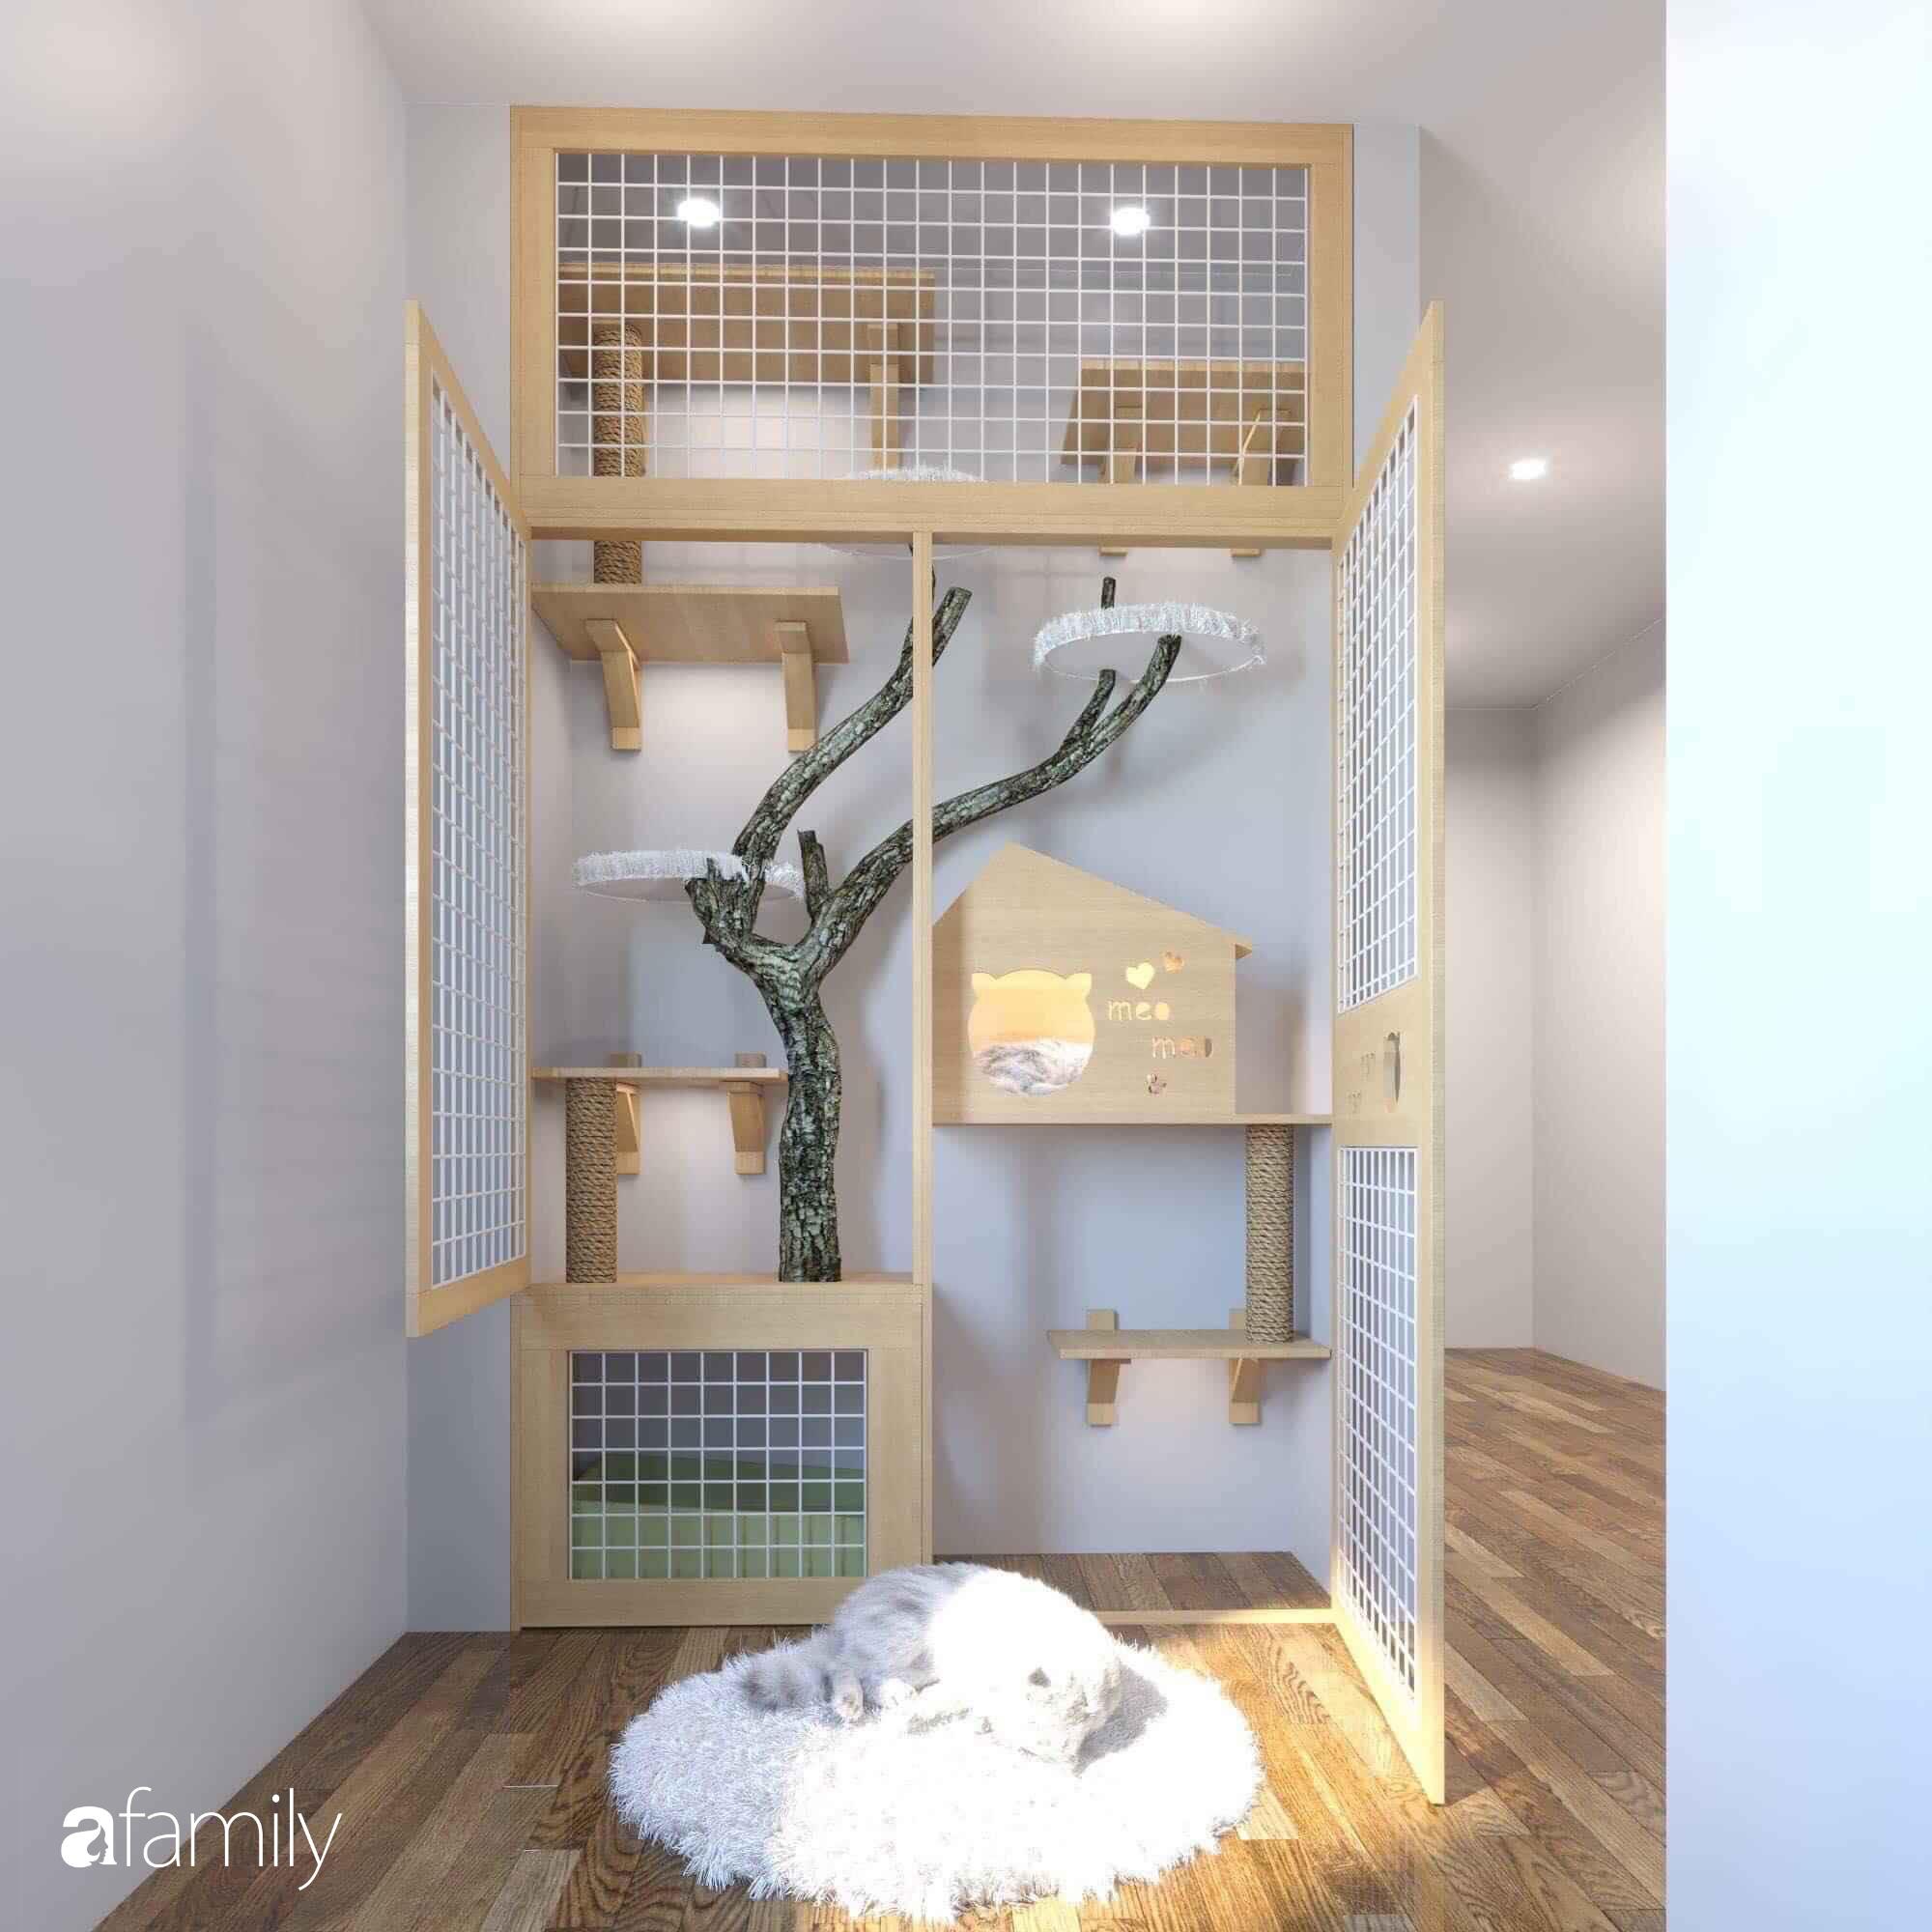 Căn hộ 145m² được décor ấn tượng với điểm nhấn màu xanh ngọc cùng tranh treo tường từ người phụ nữ yêu gia đình ở Hà Nội - Ảnh 19.